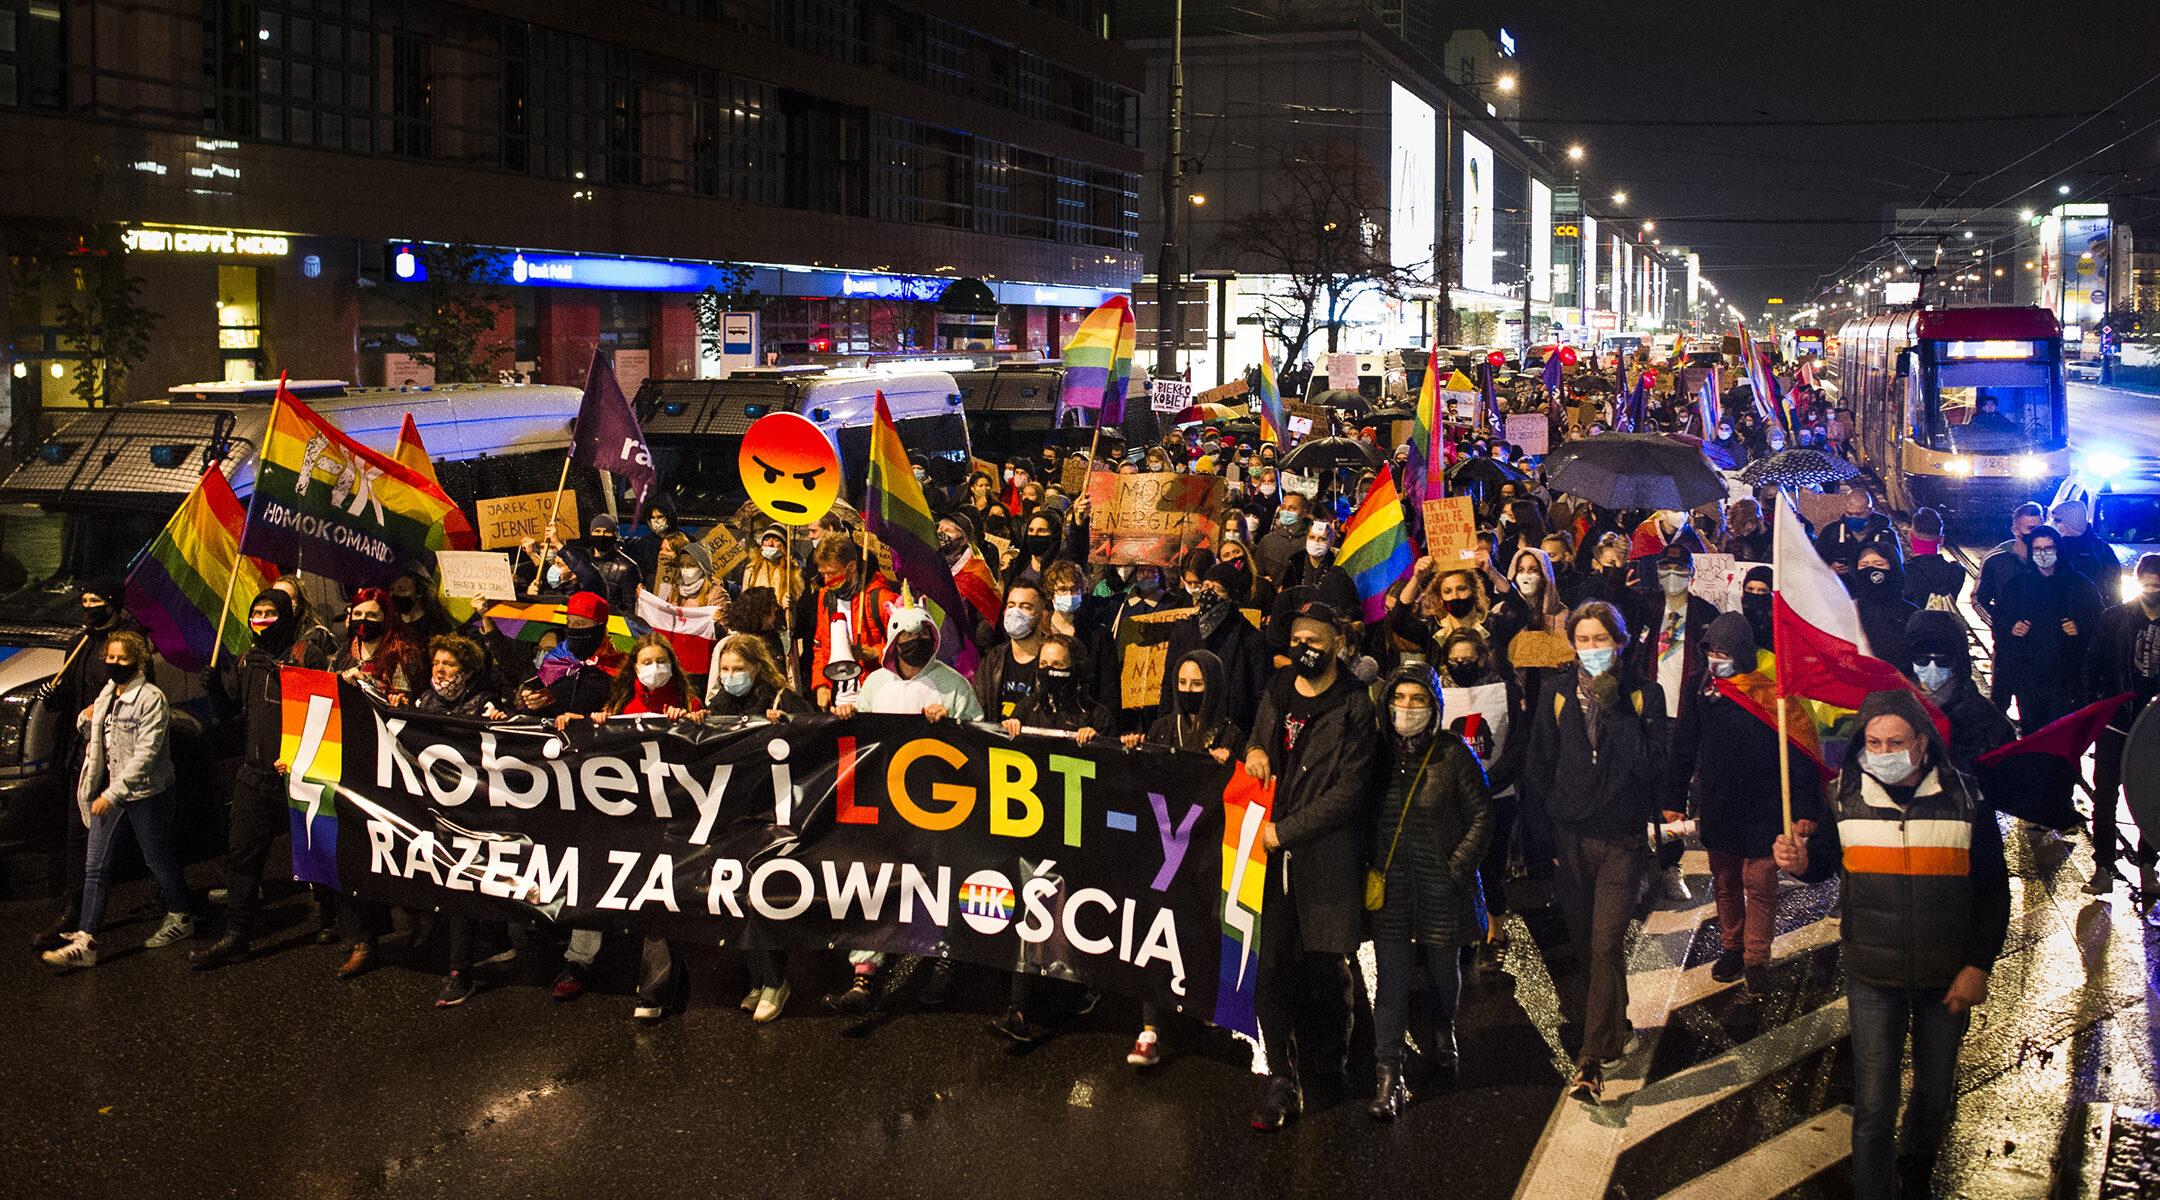 A lengyelországi zsidó közösséget is megosztja az abortuszról szóló vita